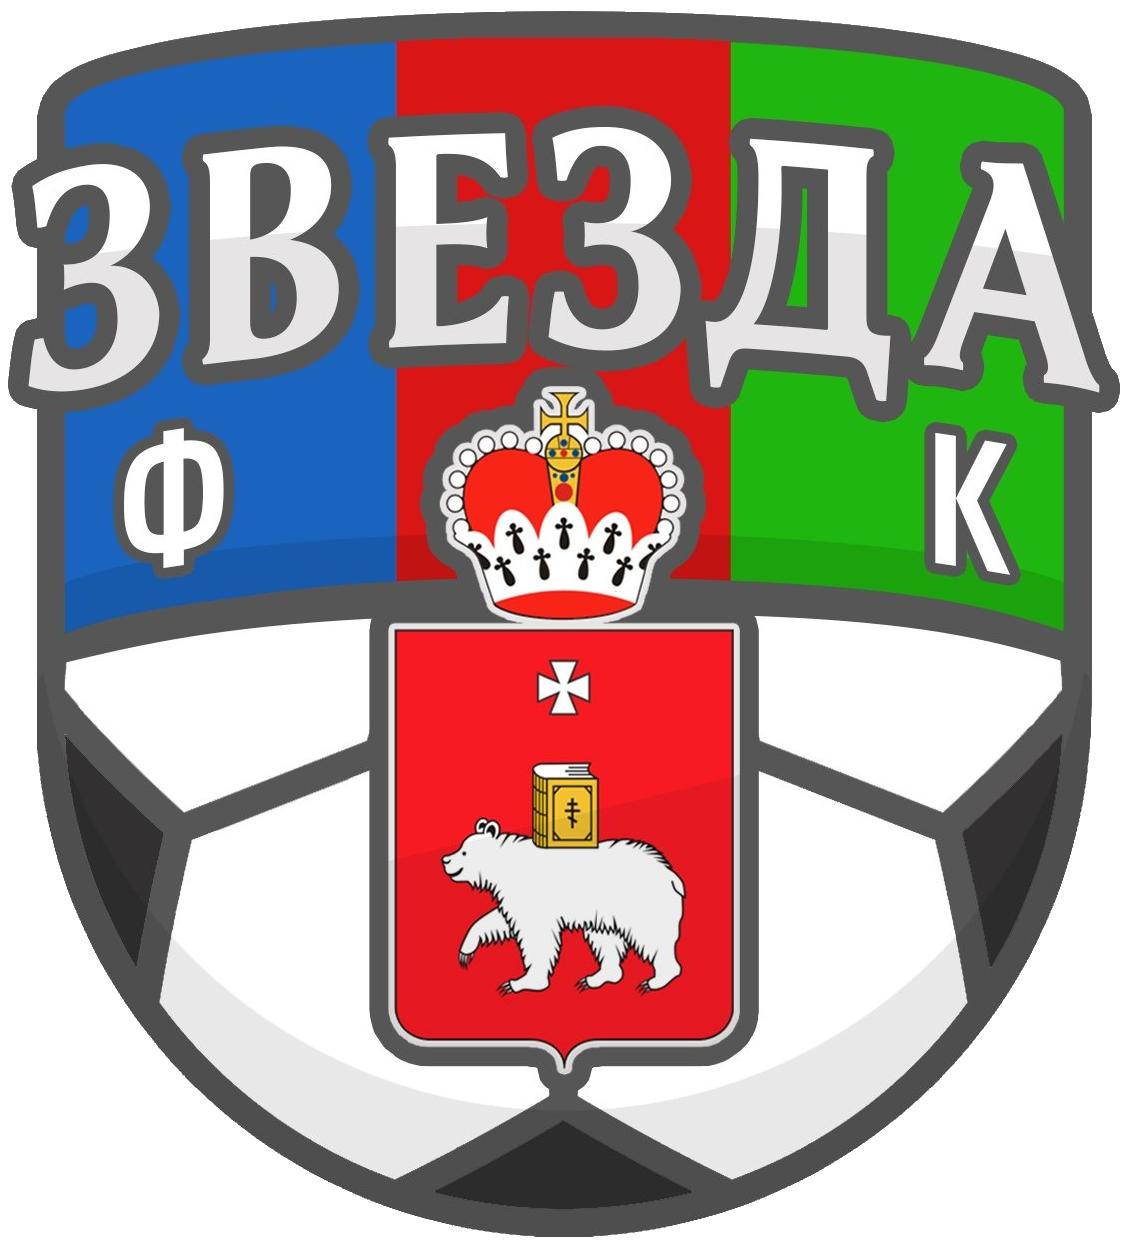 Zvezda Perm Vs Zenit Izhevsk Teams Information Statistics And Results